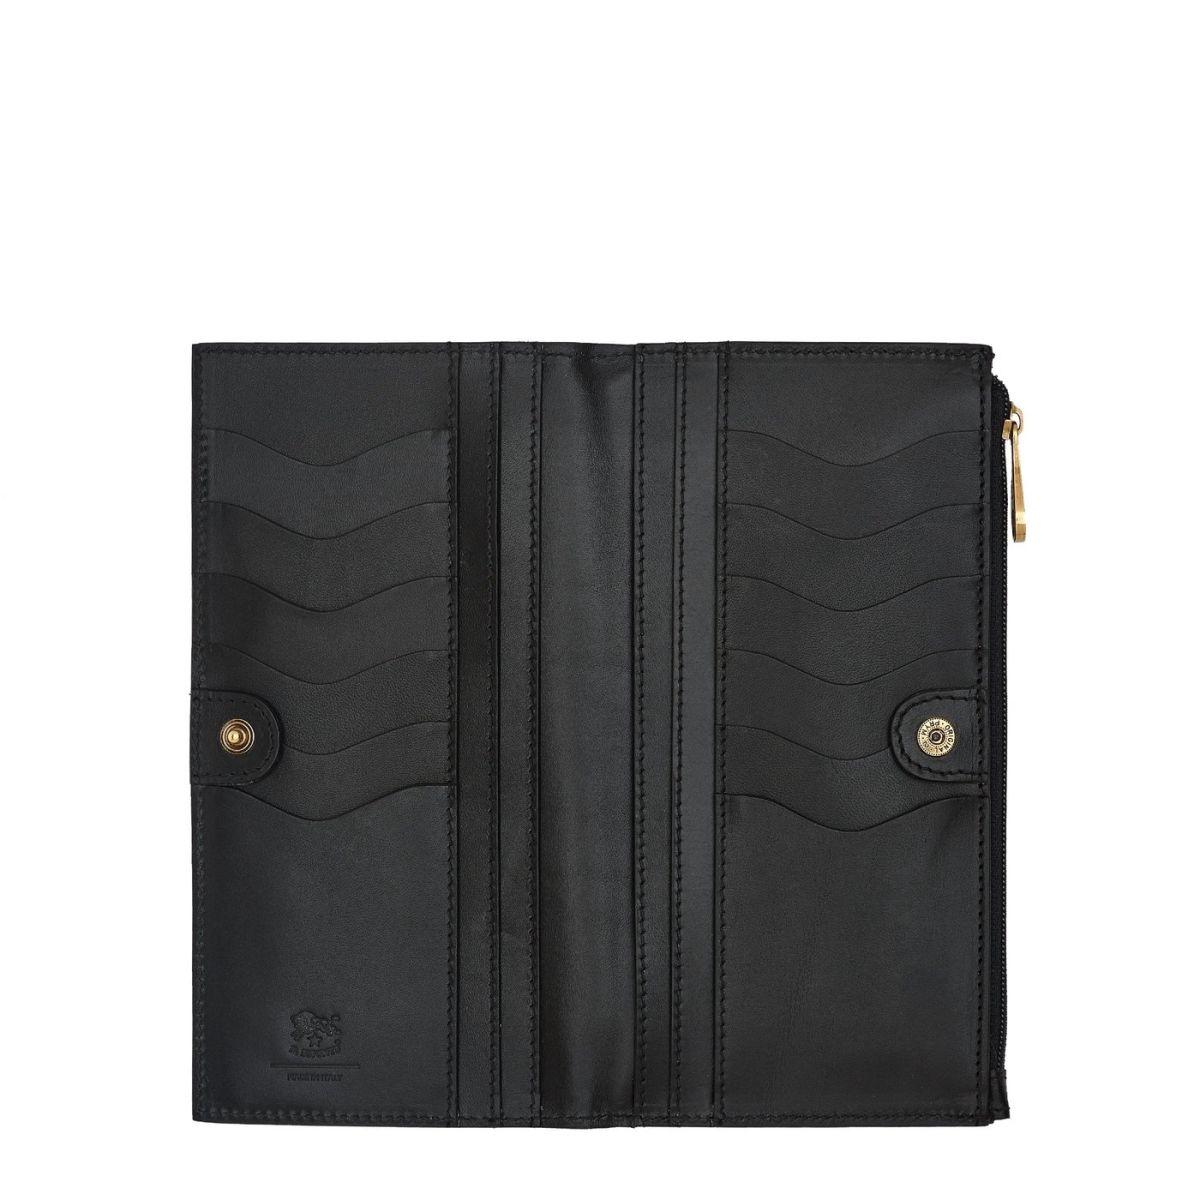 Portefeuille Continental pour Femme Giulia en Cuir De Vachette SCW068 couleur Noir | Details